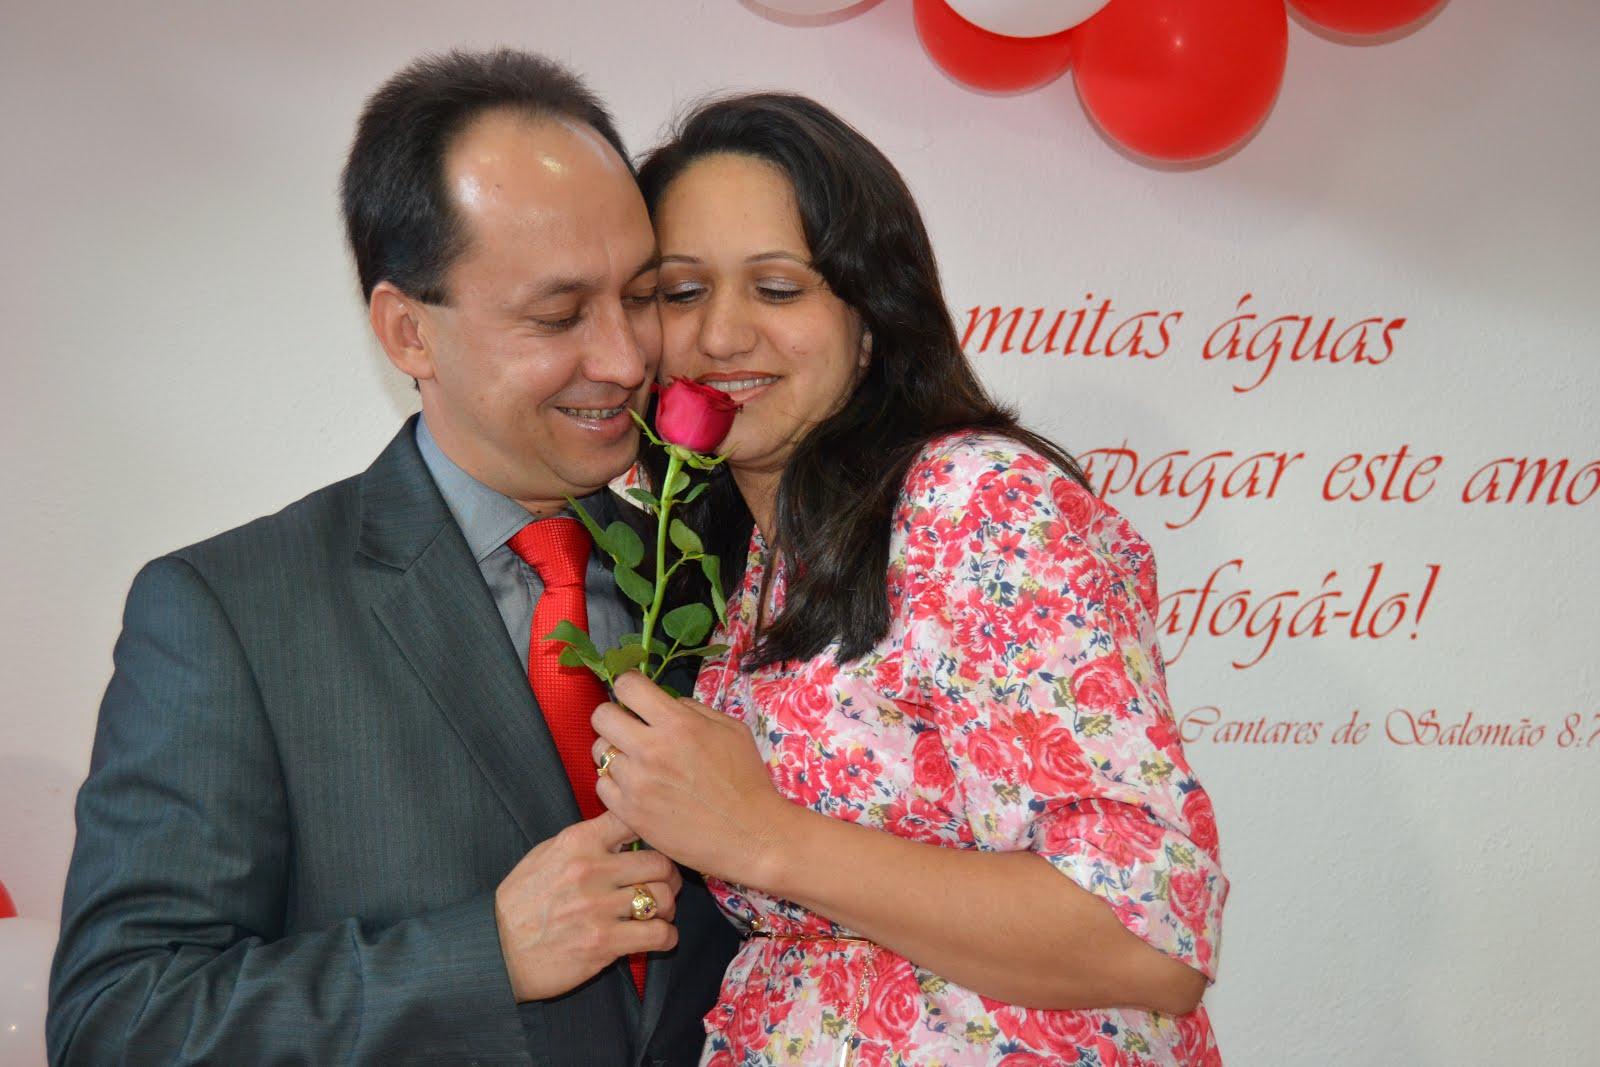 Encontro de casados - Portugal